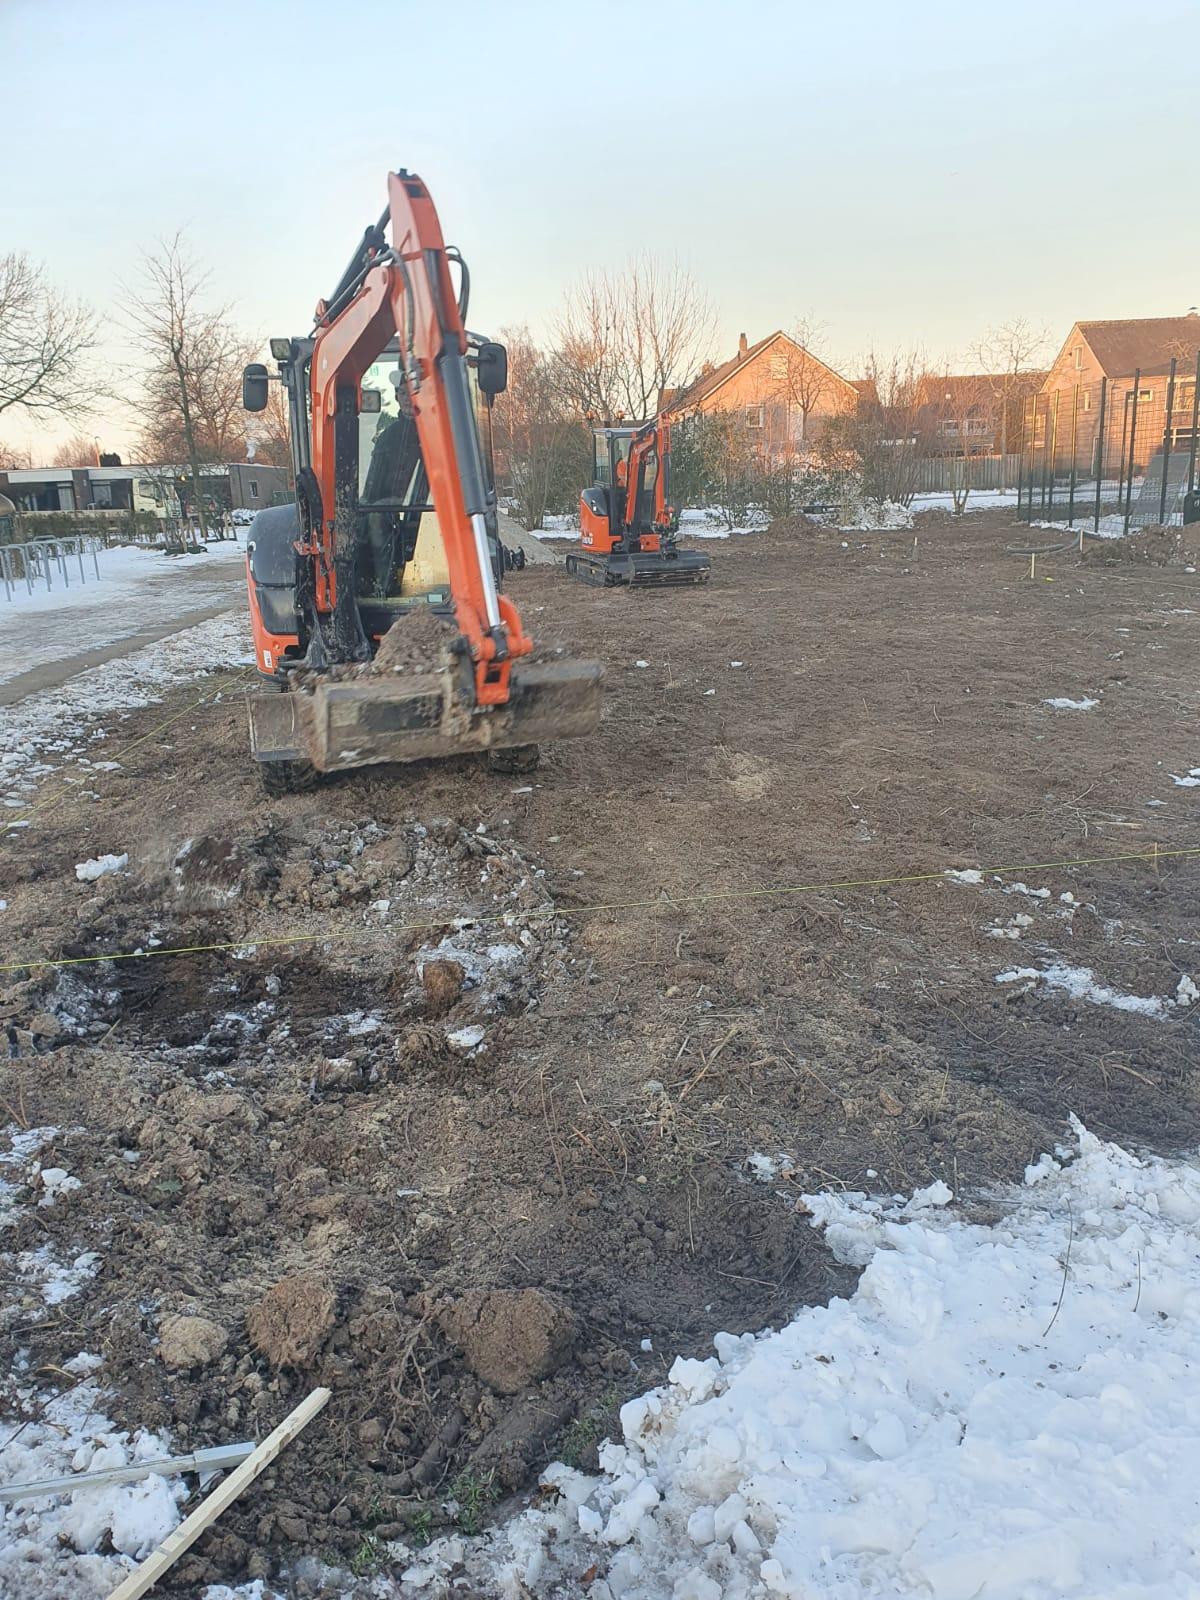 Aanleg speeltuin/kabelbaan in Sleeuwijk......opdracht van Gemeente Altena